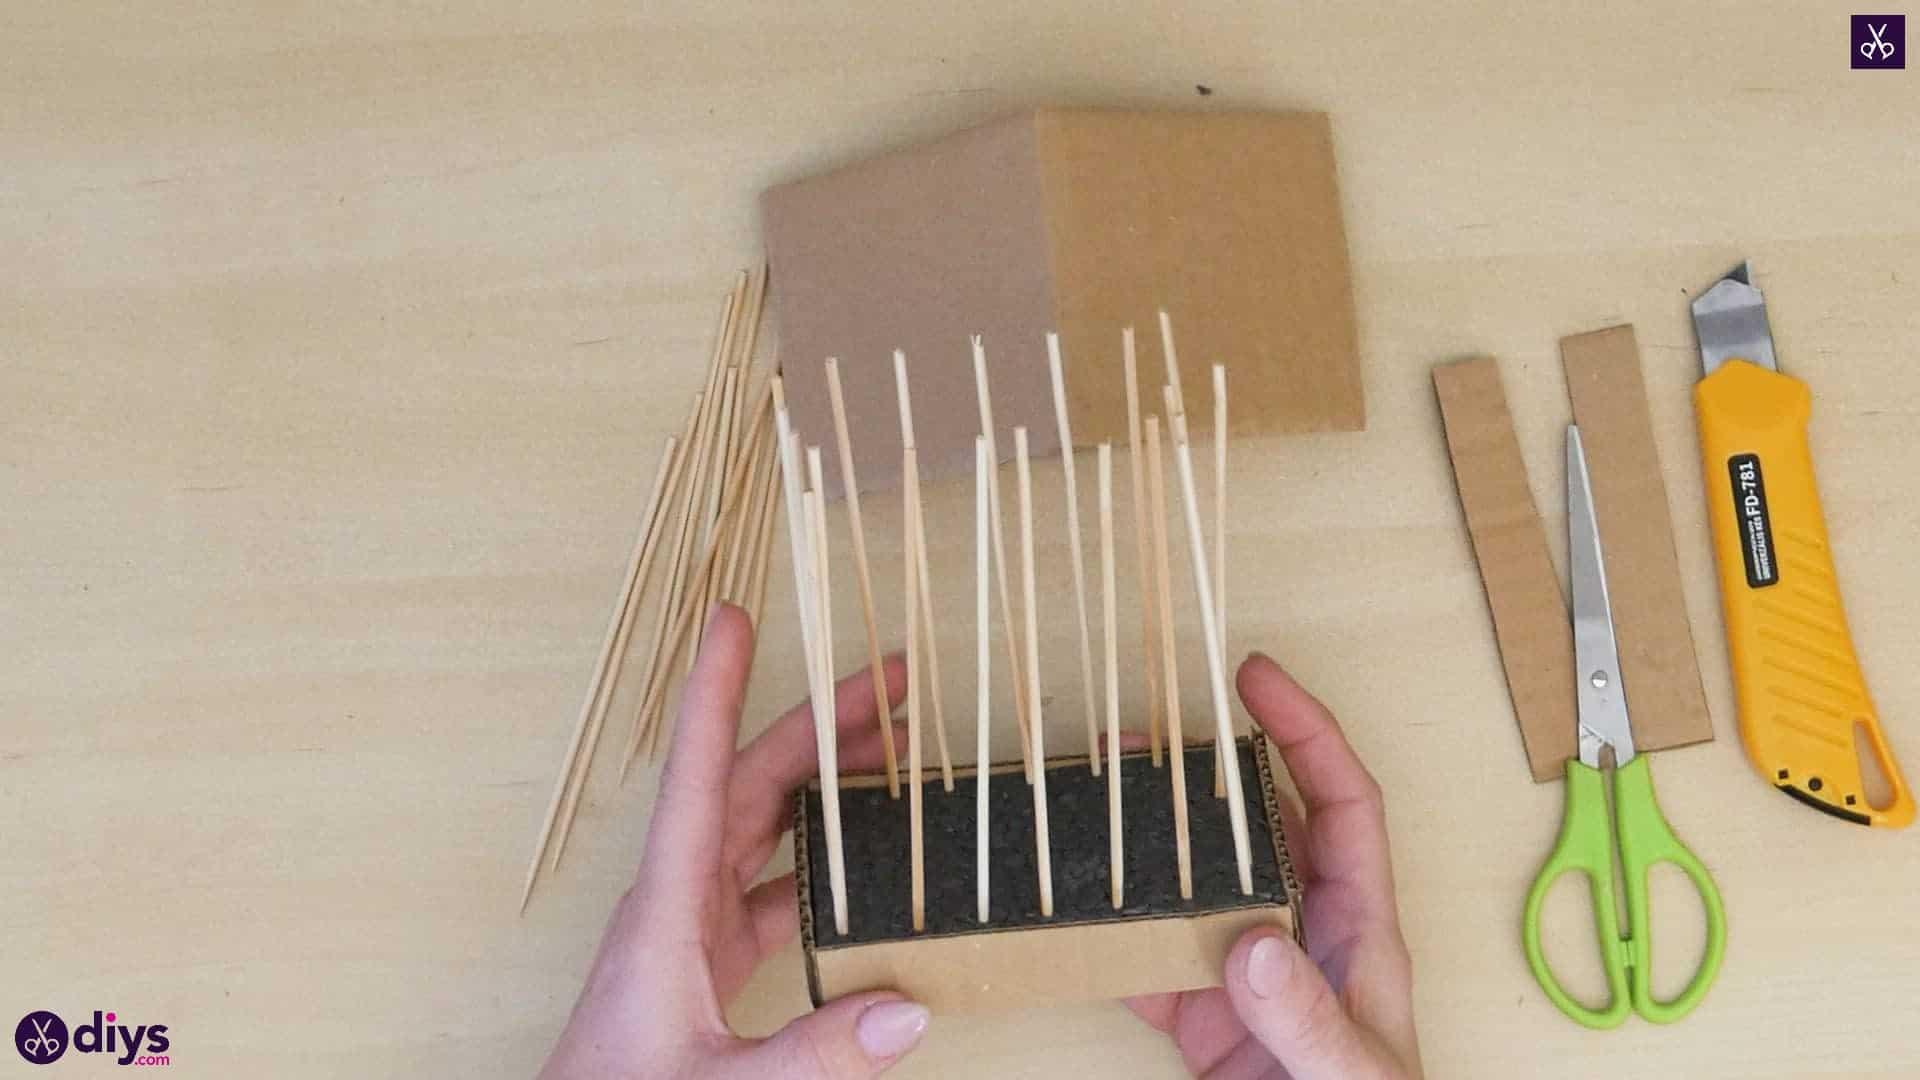 Diy miniature cage centerpiece step 7b